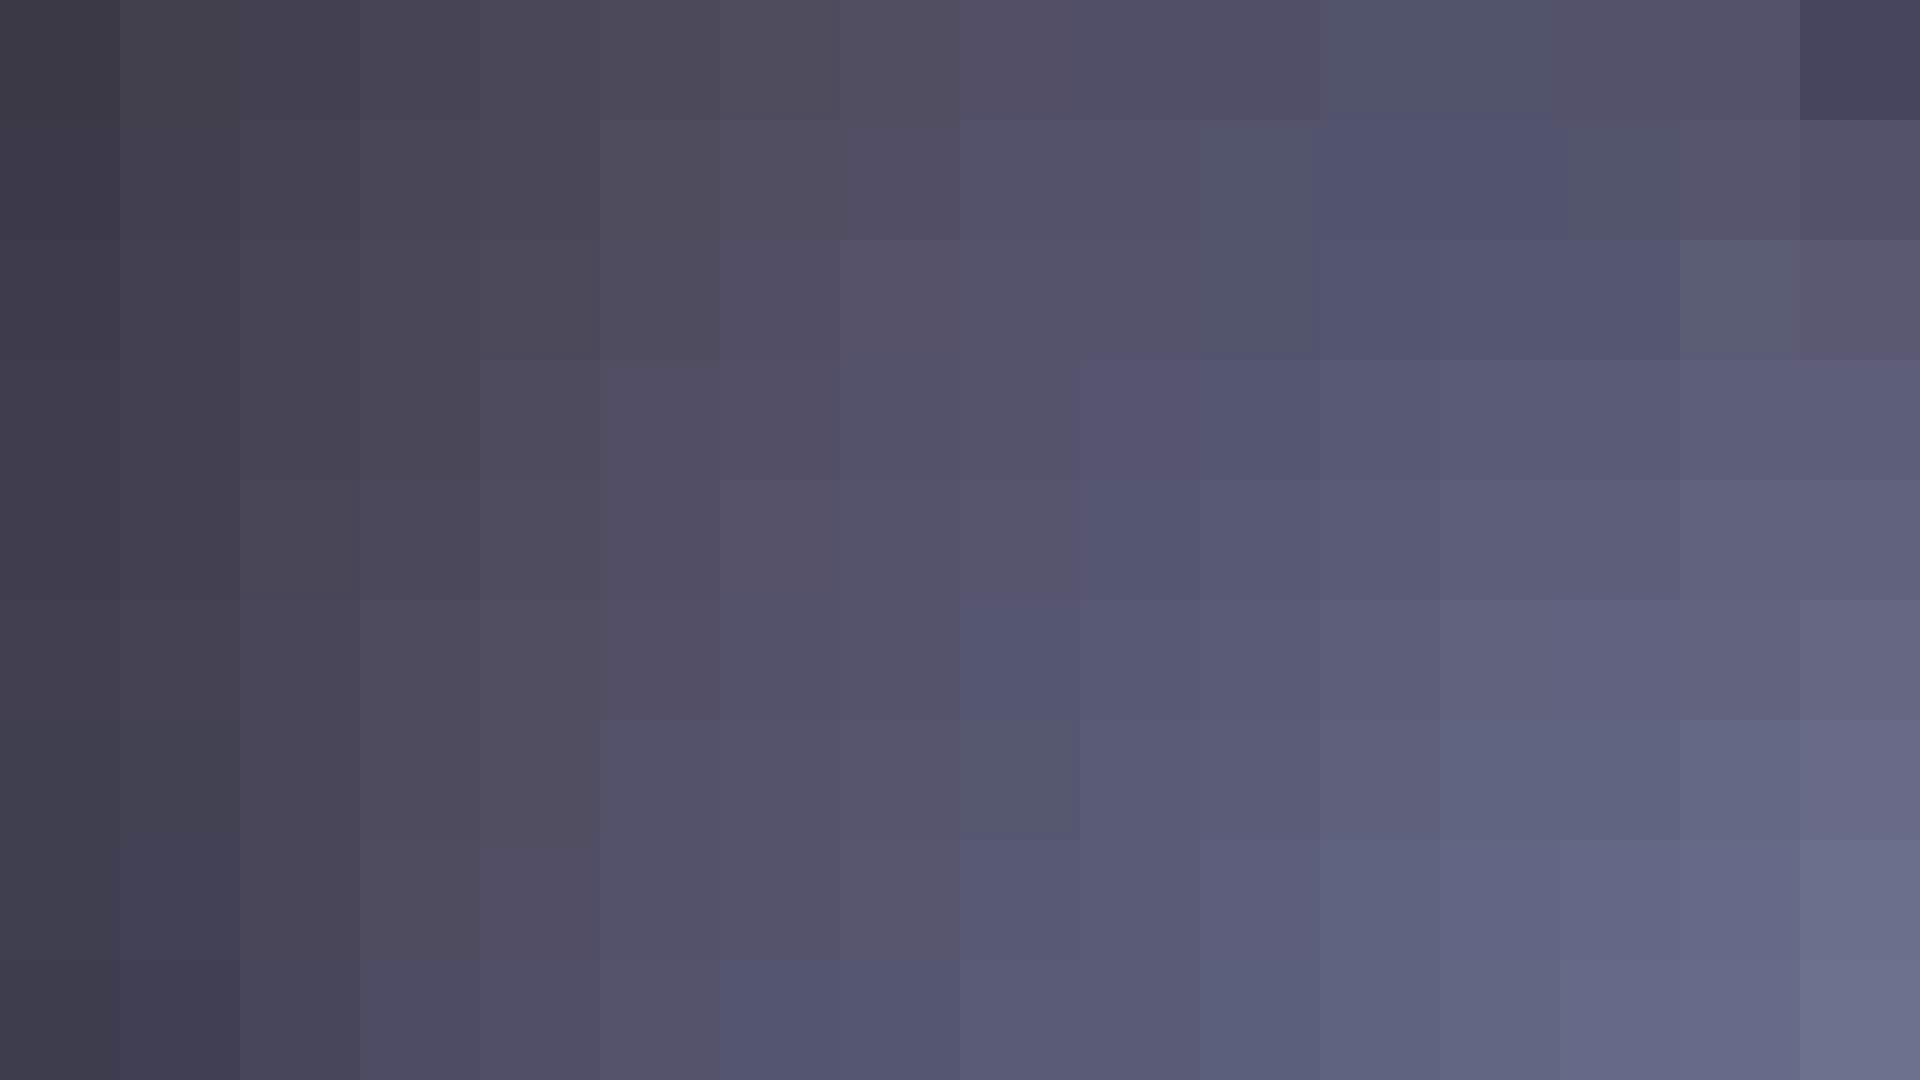 お銀さんの「洗面所突入レポート!!」 vol.28小島陽菜似のピンクオシャレさん 洗面所 ヌード画像 88PIX 71